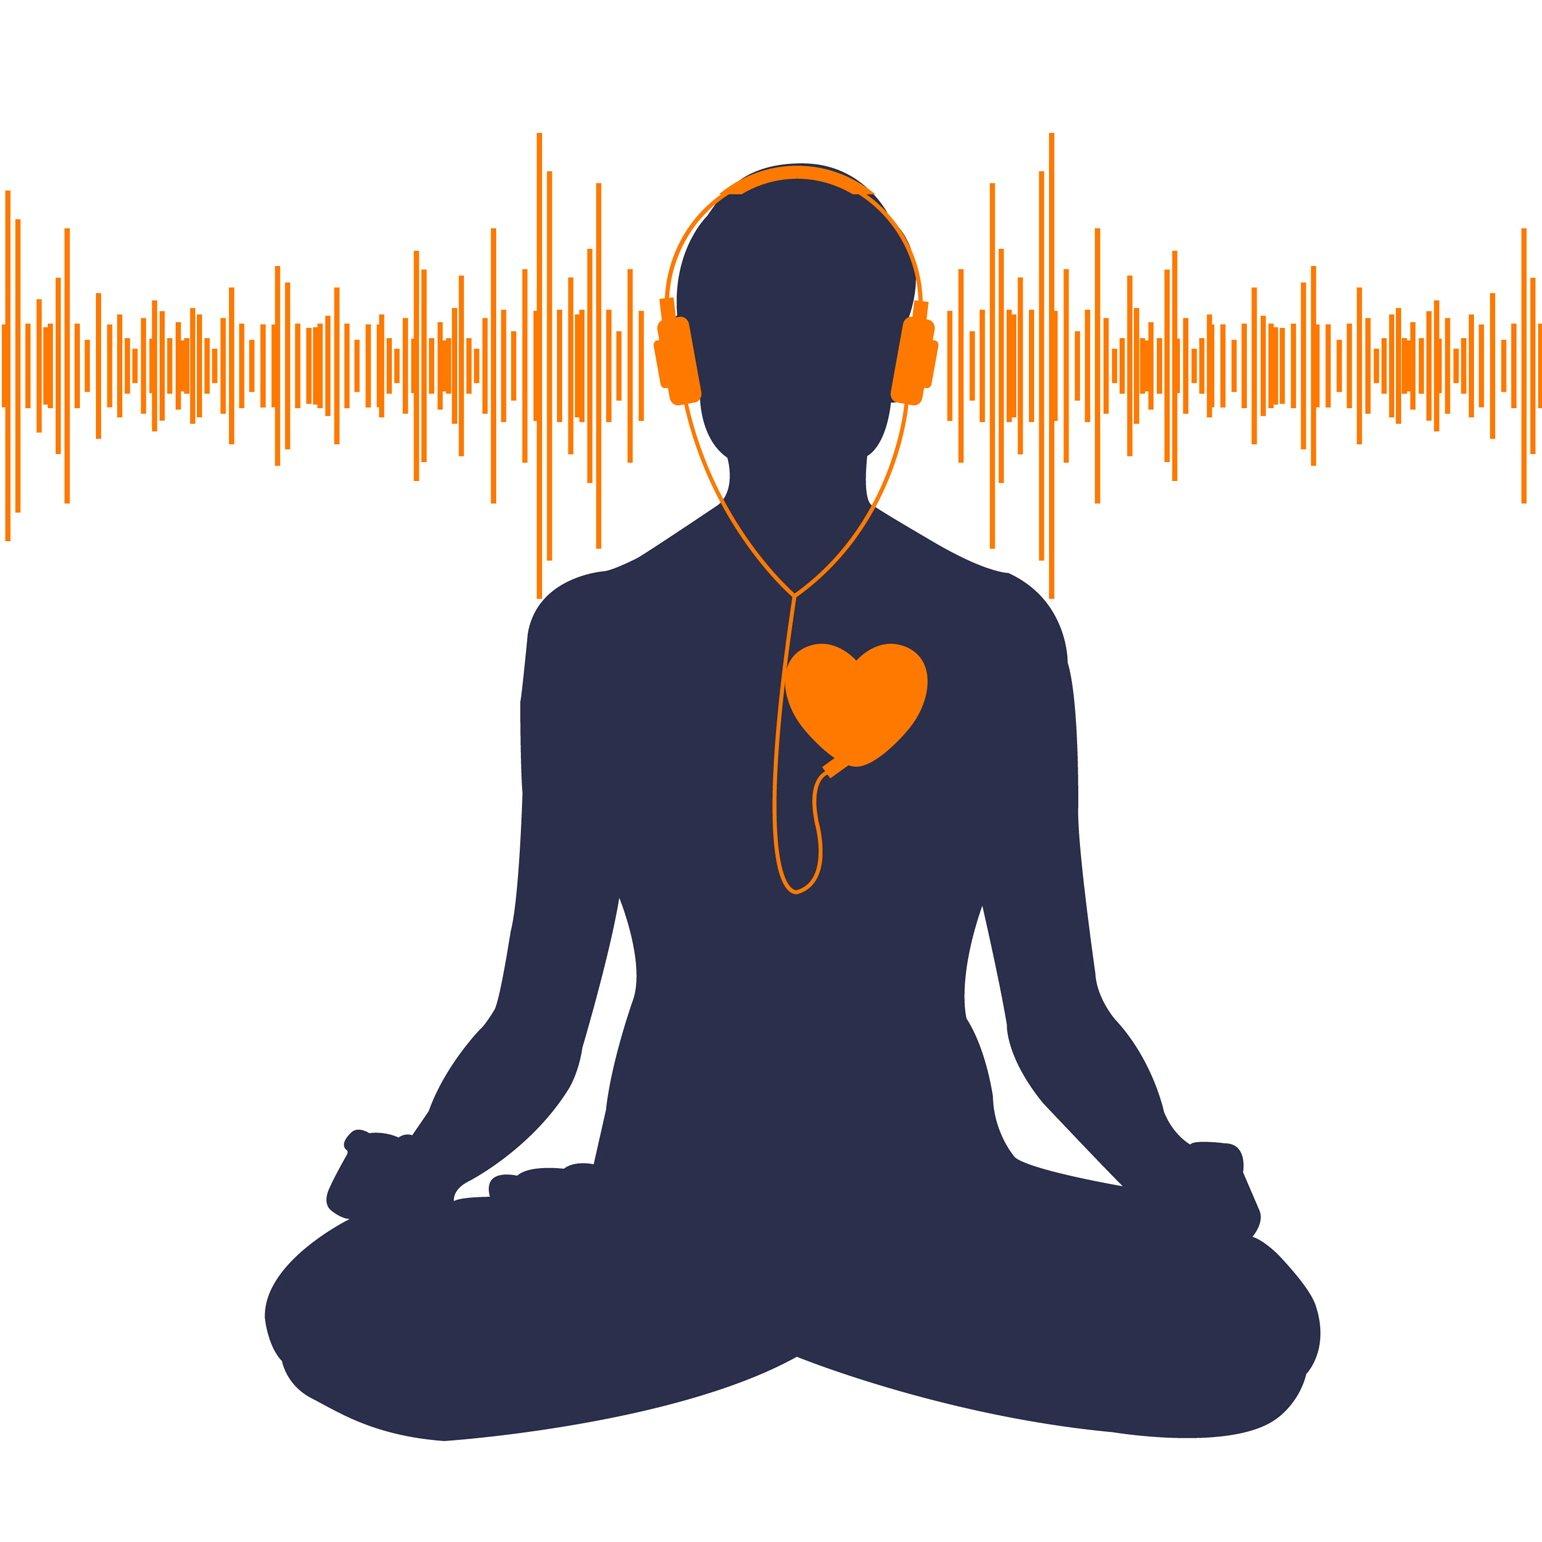 La 'meditación laica' en el trabajo